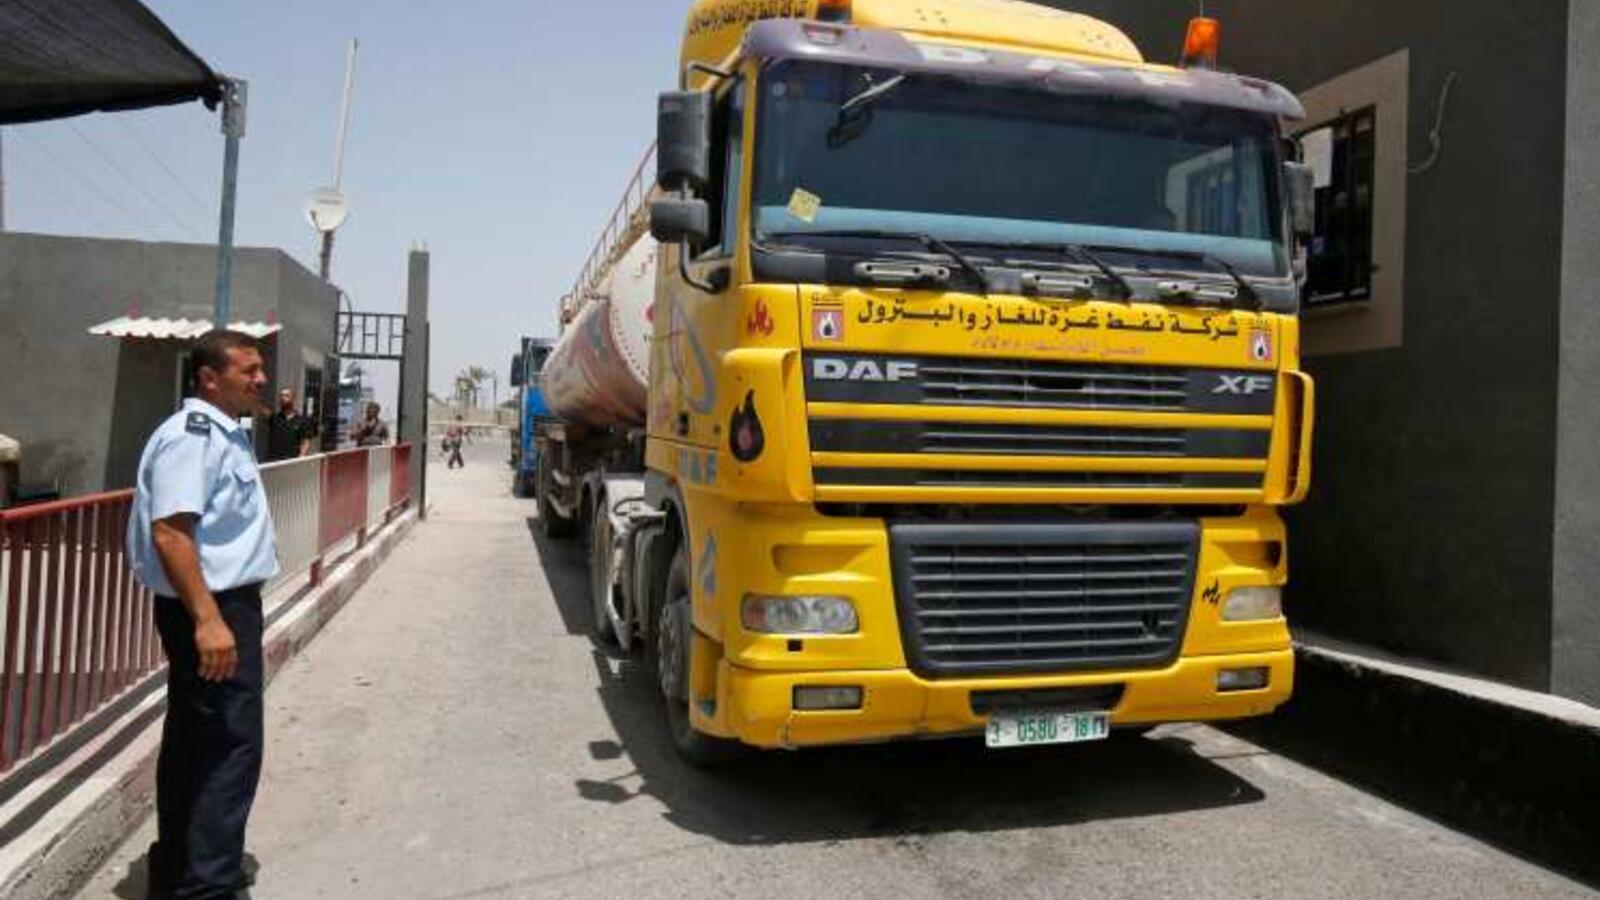 وكالة الصحافة الفلسطينية - كميات من غاز الطهي المصري تصل غزة اليوم